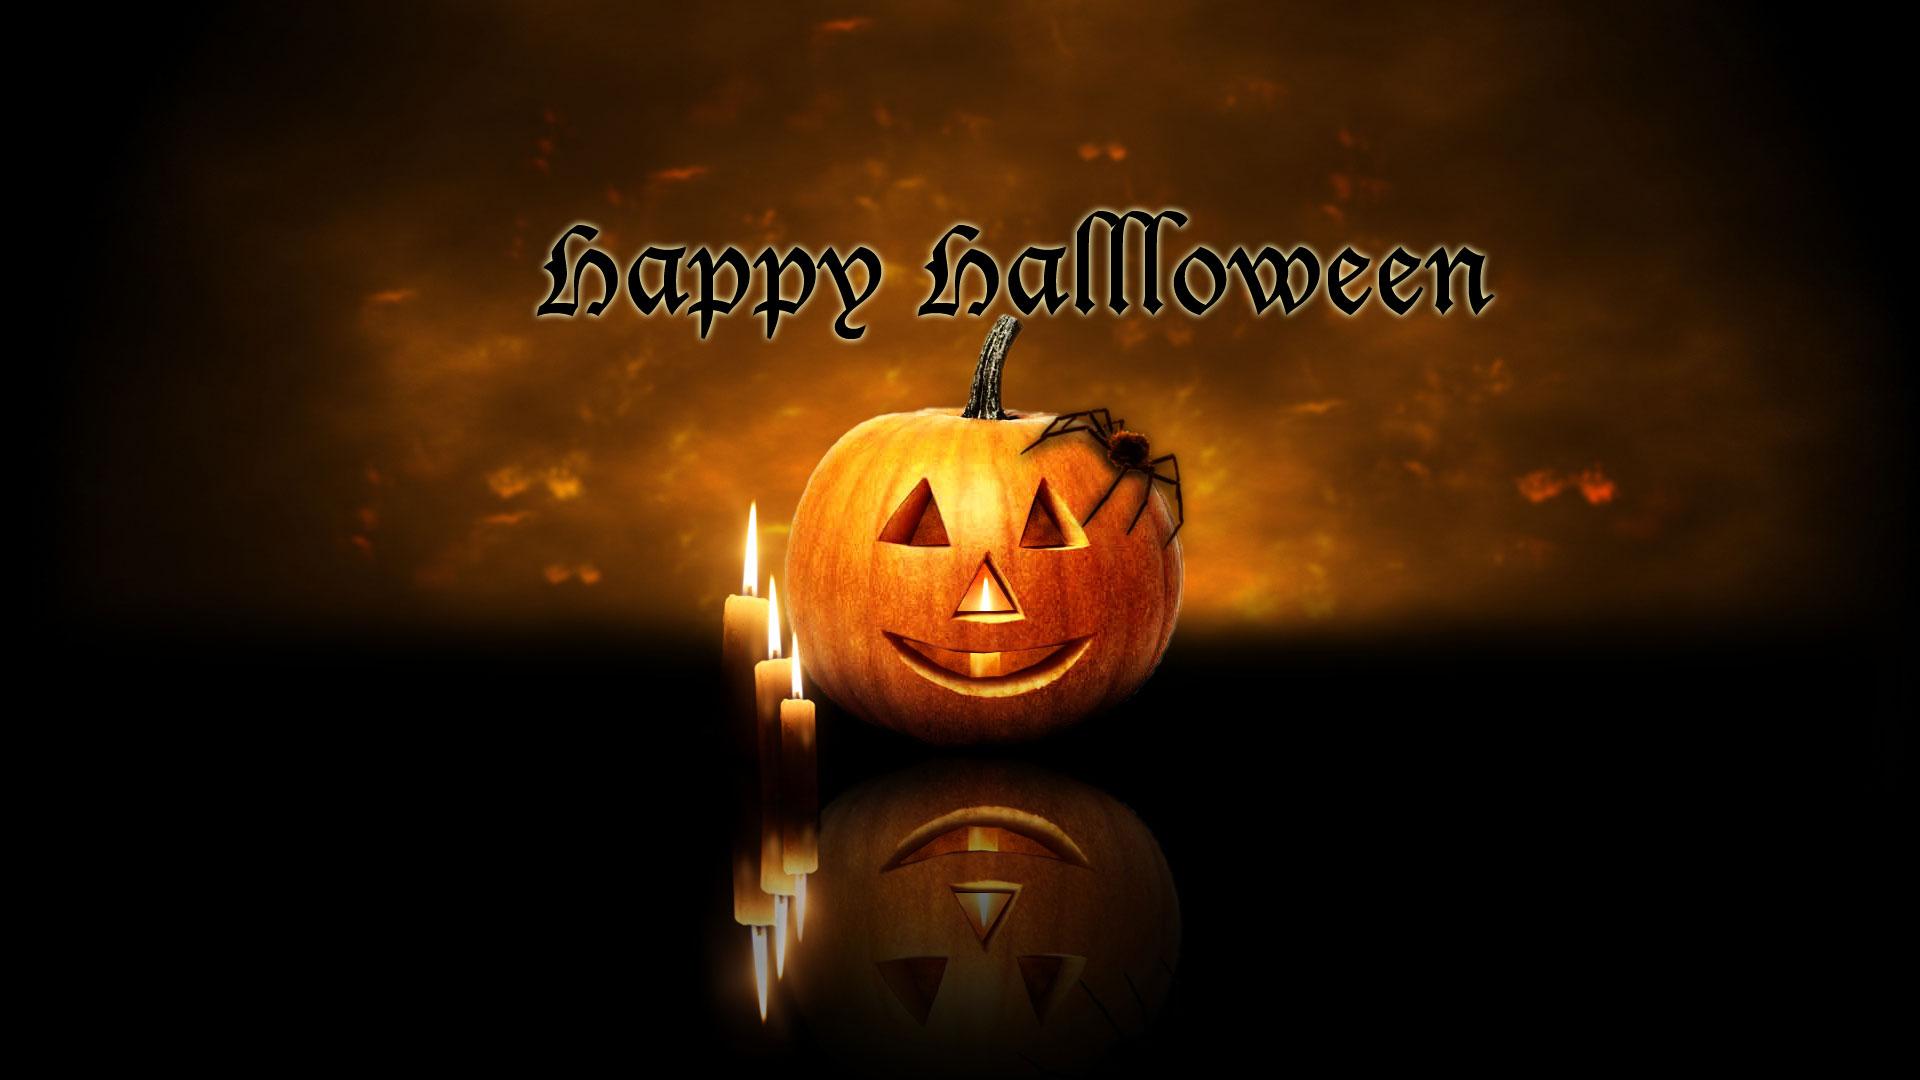 Halloween Wallpapers: 20 Fonds D'ecran Hd Gratuits À Télécharger tout Jeux D Halloween Gratuit